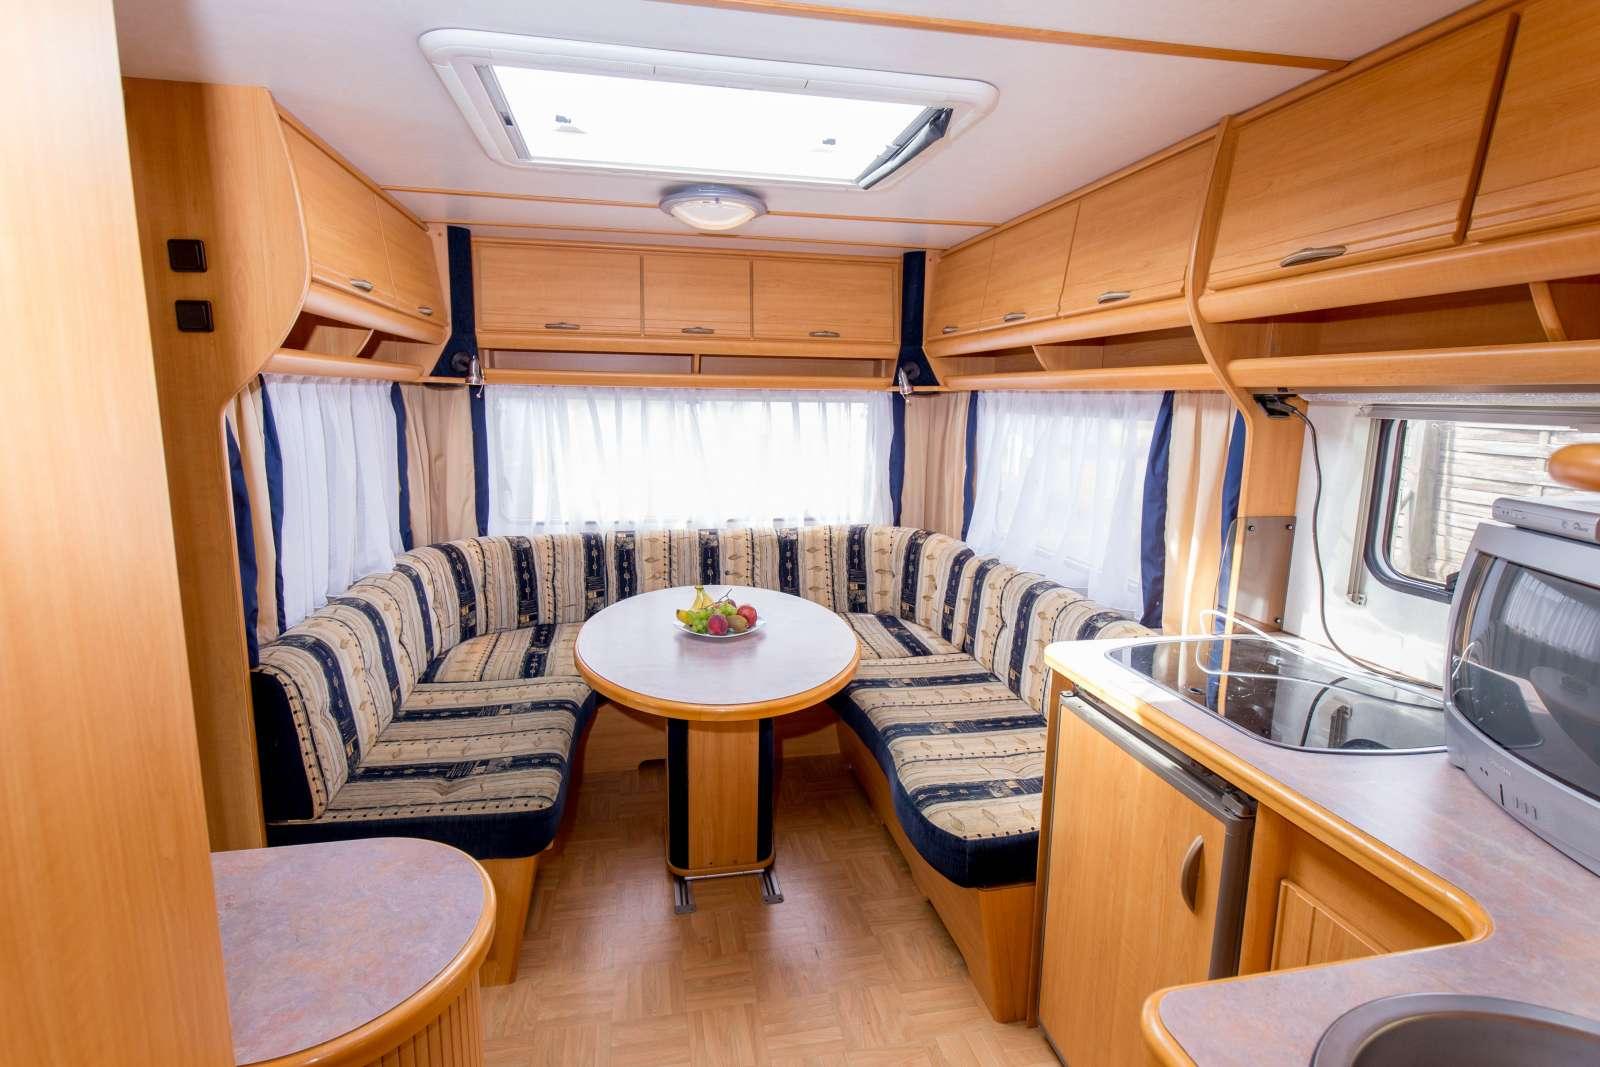 mietwohnwagen in der 1 reihe zur ostsee camping fl gger. Black Bedroom Furniture Sets. Home Design Ideas